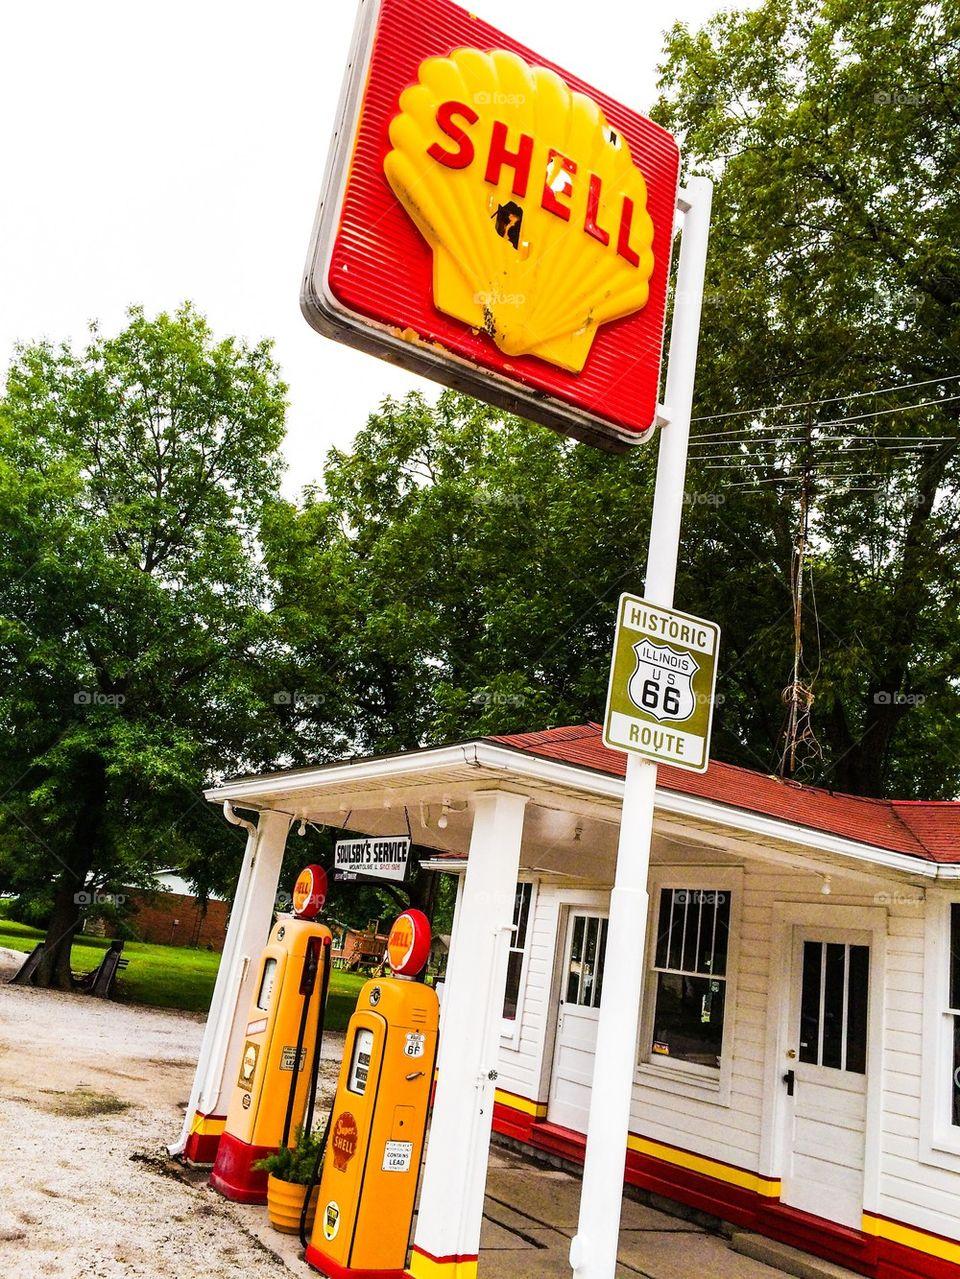 Vintage Shell Station